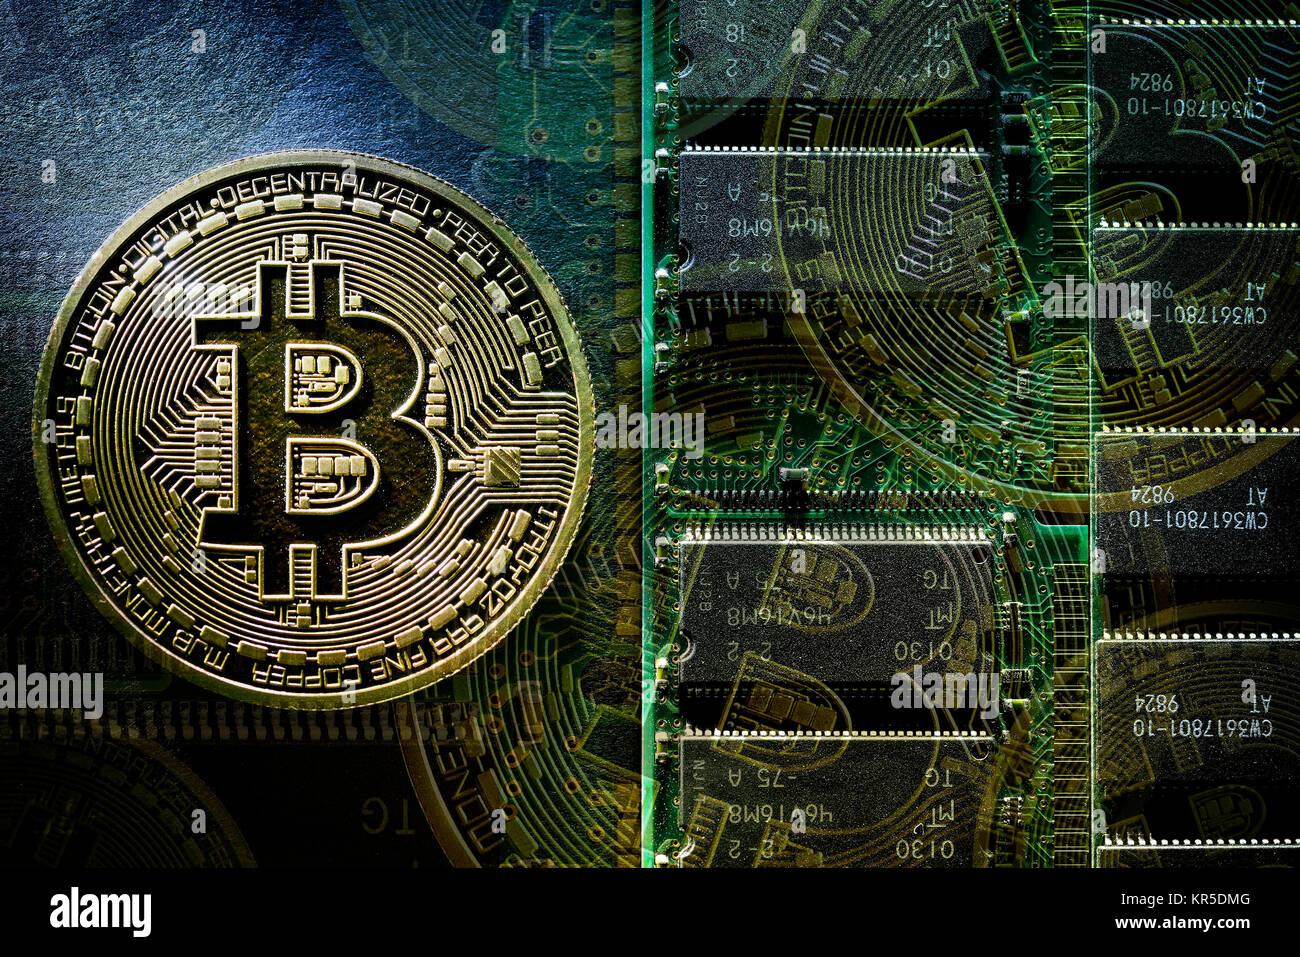 Coin with Bitcoin sign, Münze mit Bitcoin-Zeichen Stock Photo